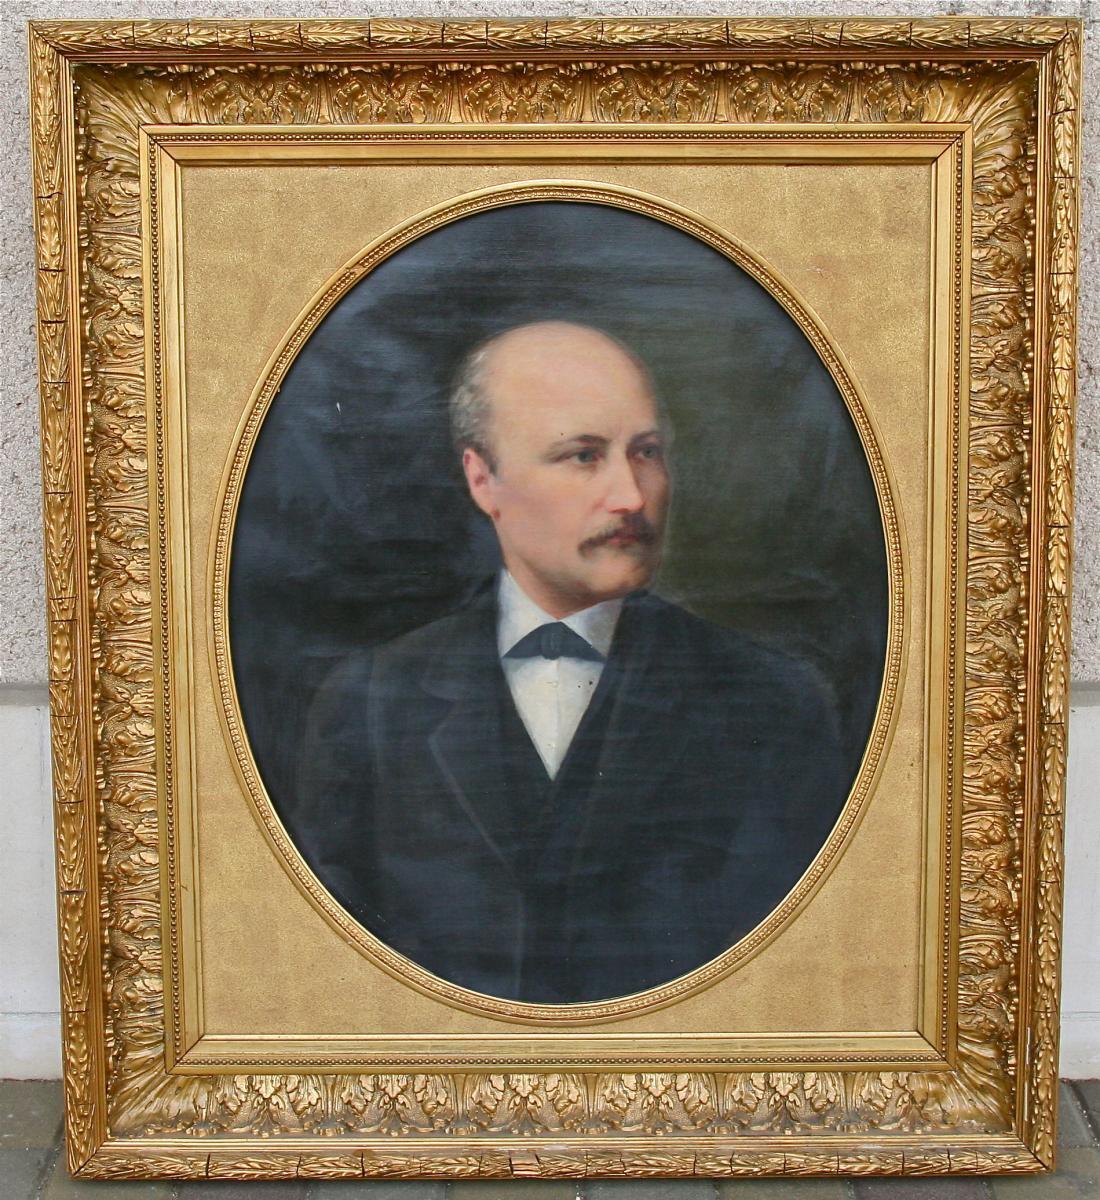 Peinture XIXème Portrait d'Homme Encadrement Doré